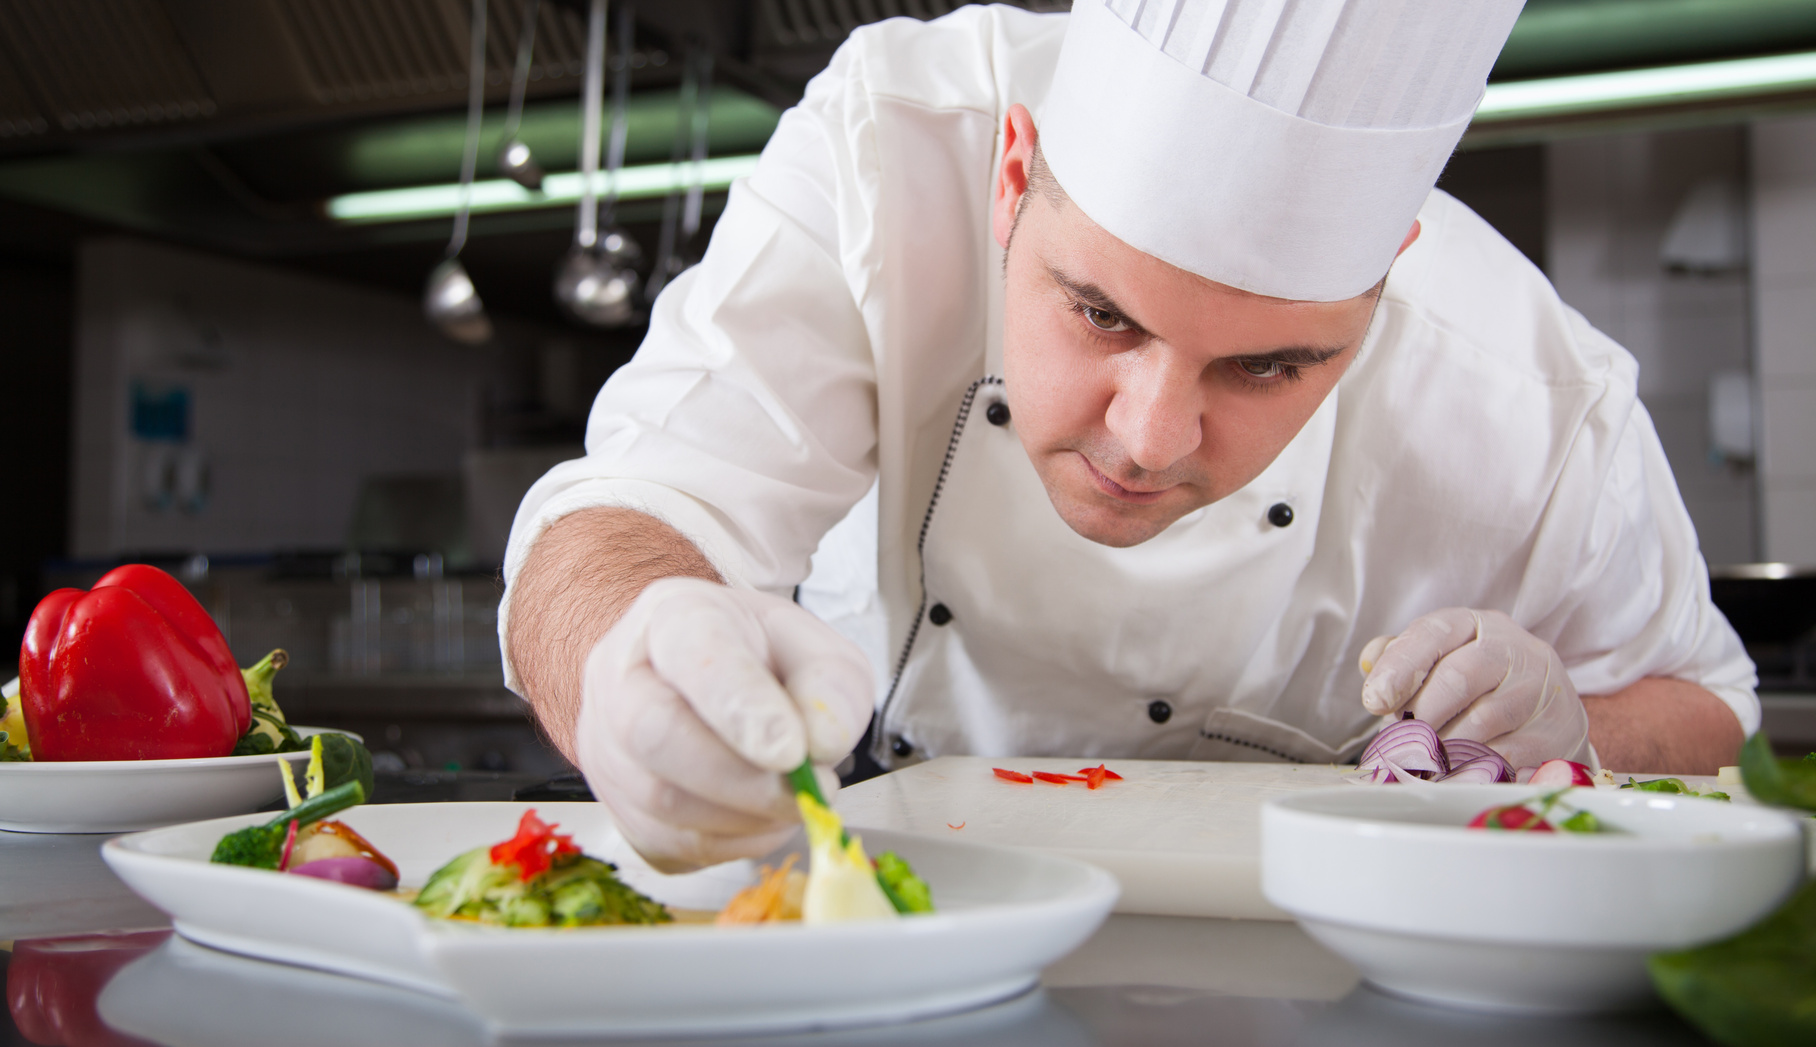 Koch Gehalt: Ausbildung, Lohn Und Verdienst